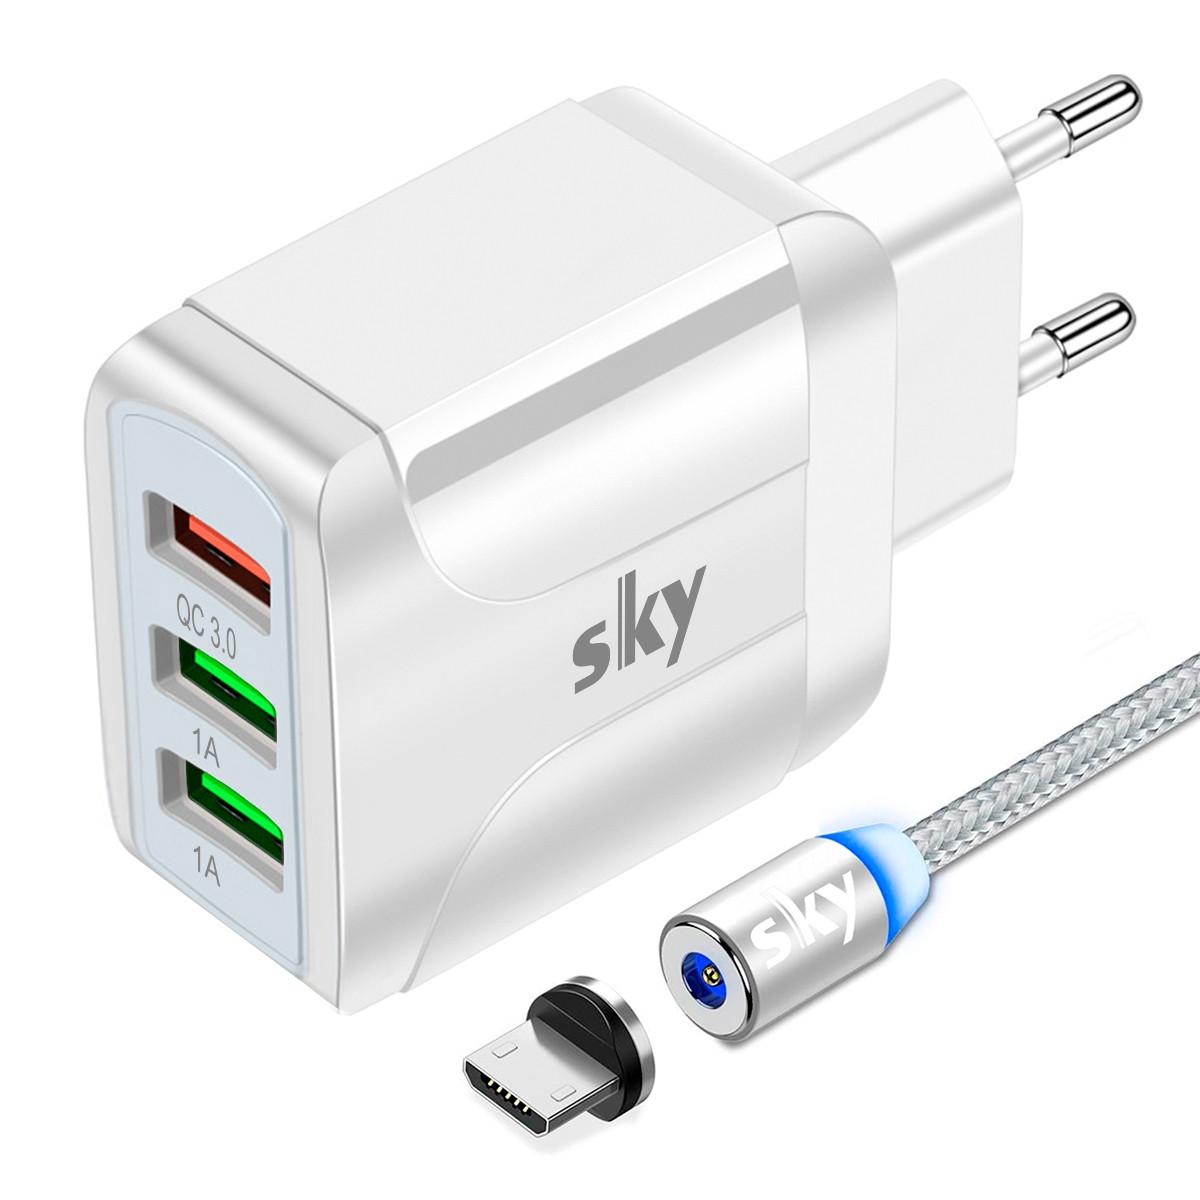 Зарядний пристрій SKY (A 02) QC / 2USB (20W) White